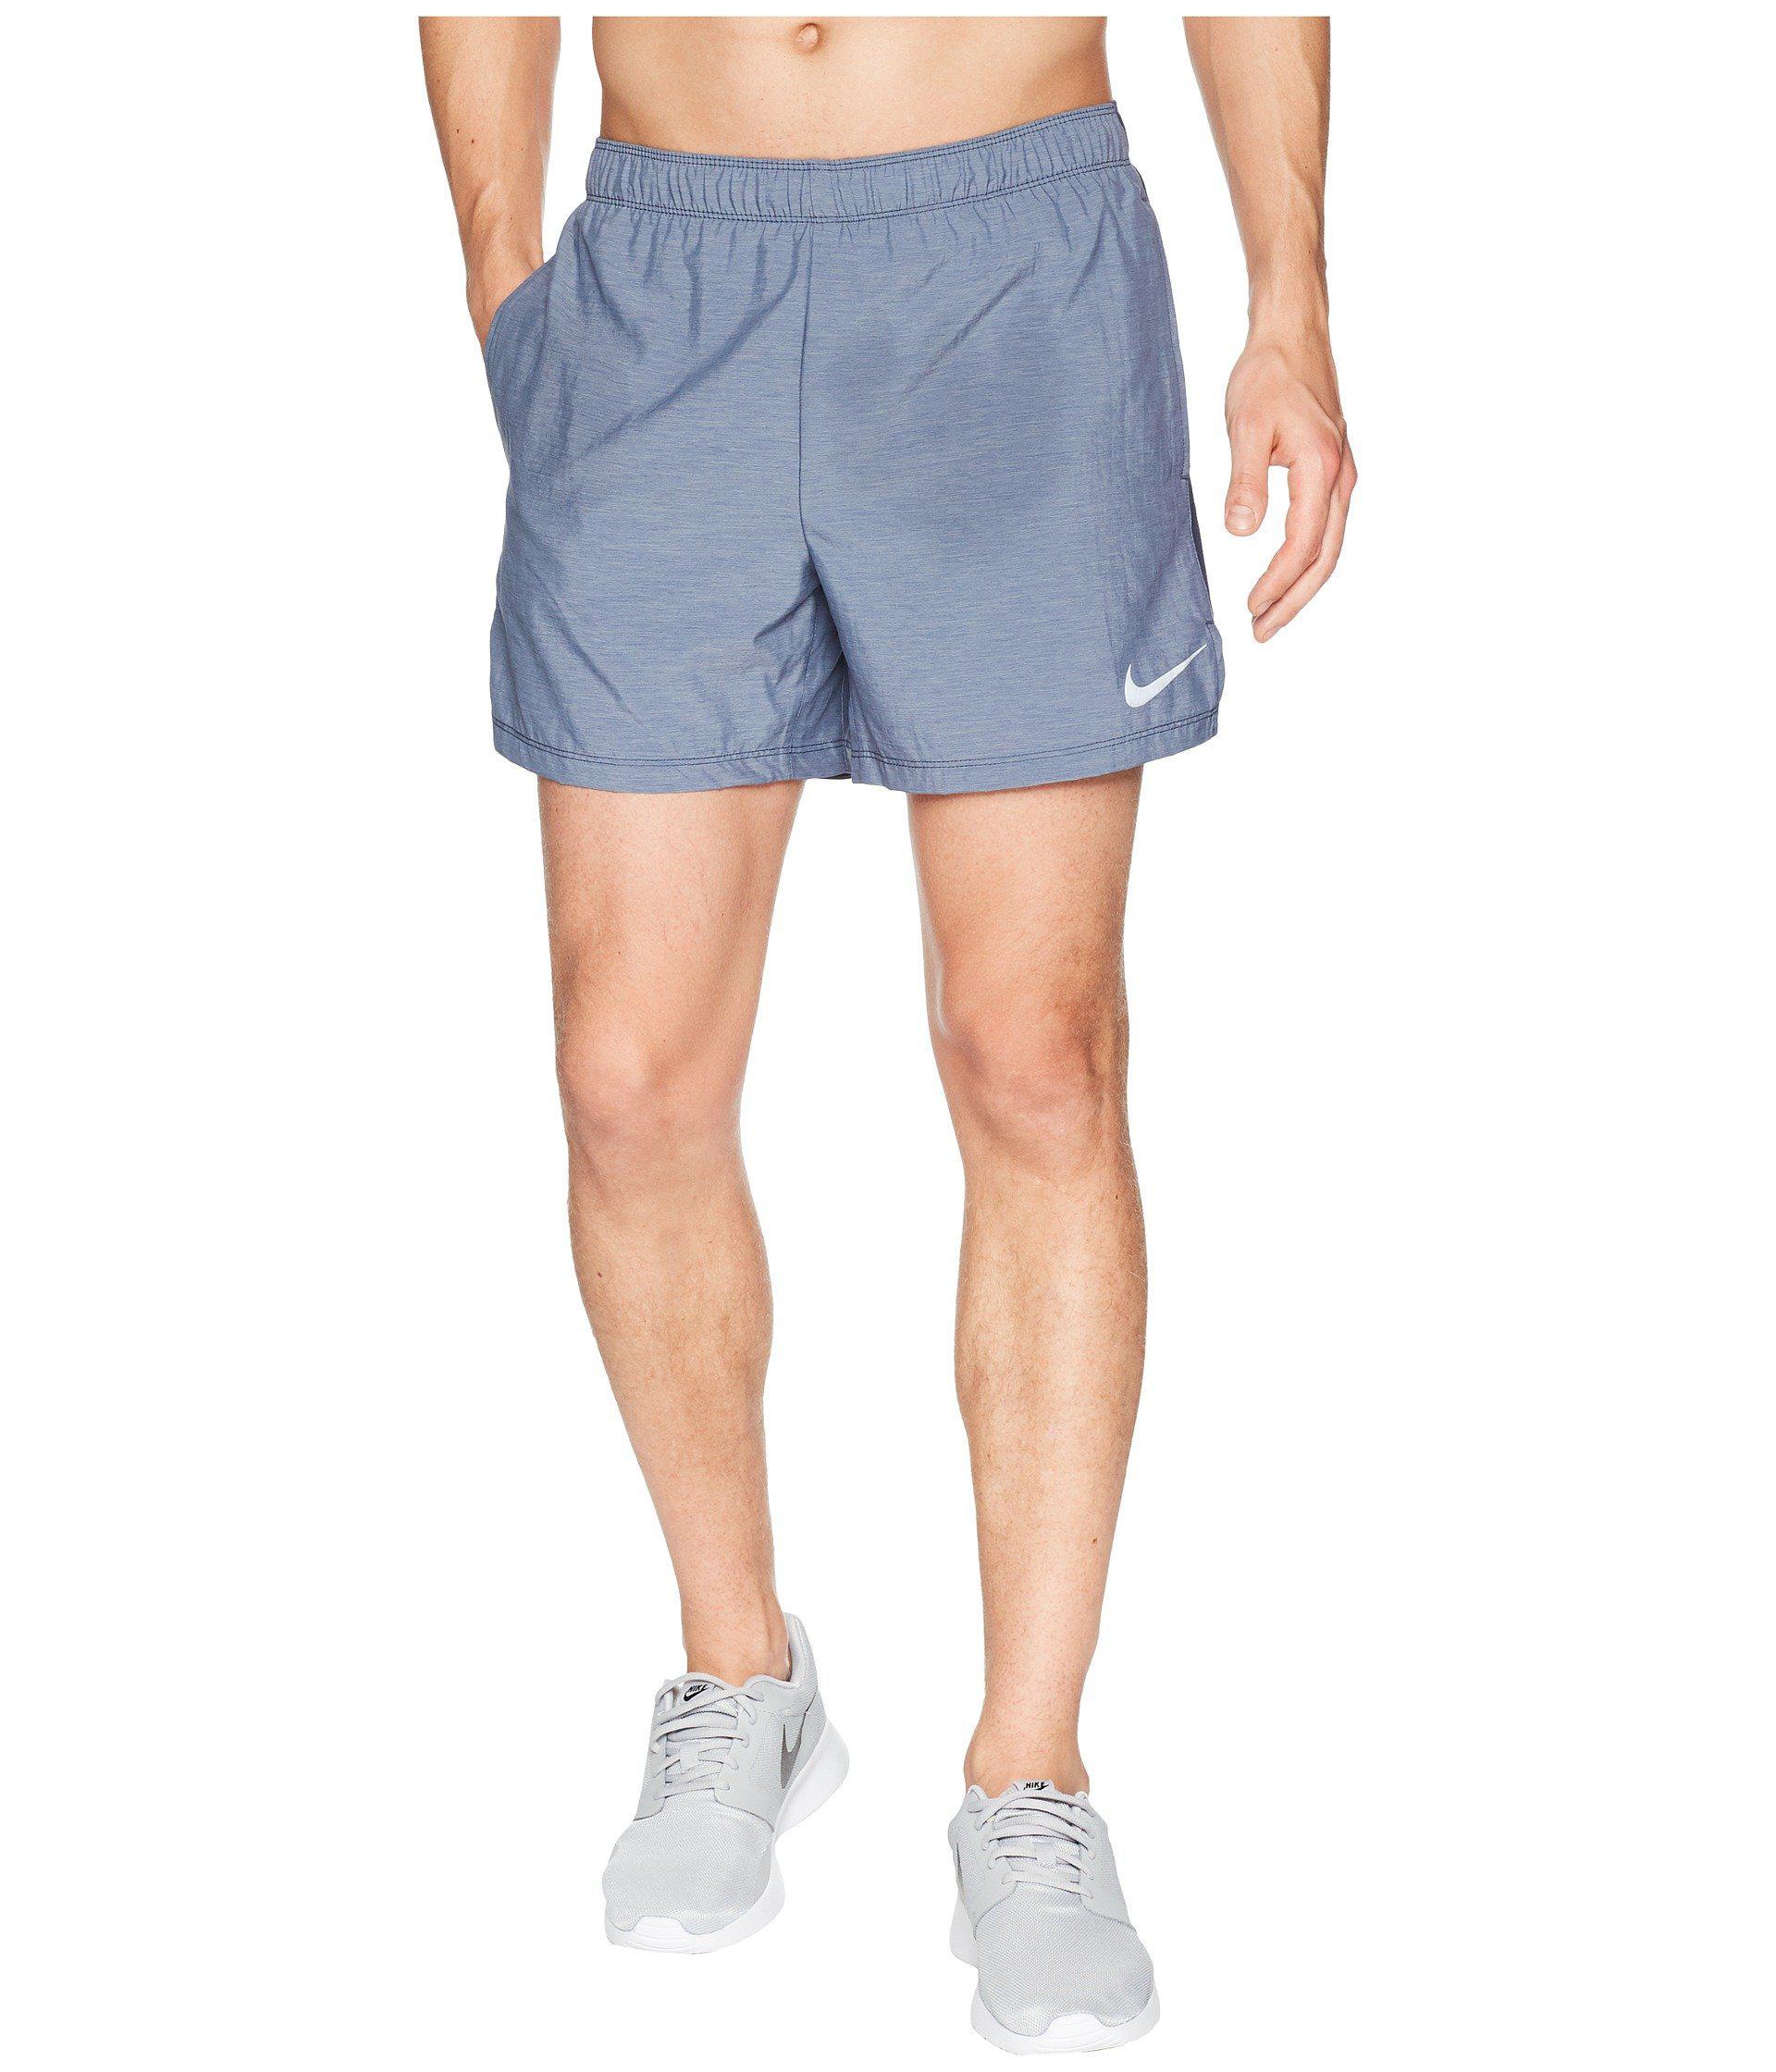 81d8b28d85f Nike. Blue Challenger 5 Running Short (anthracite anthracite anthracite) Men s  Shorts